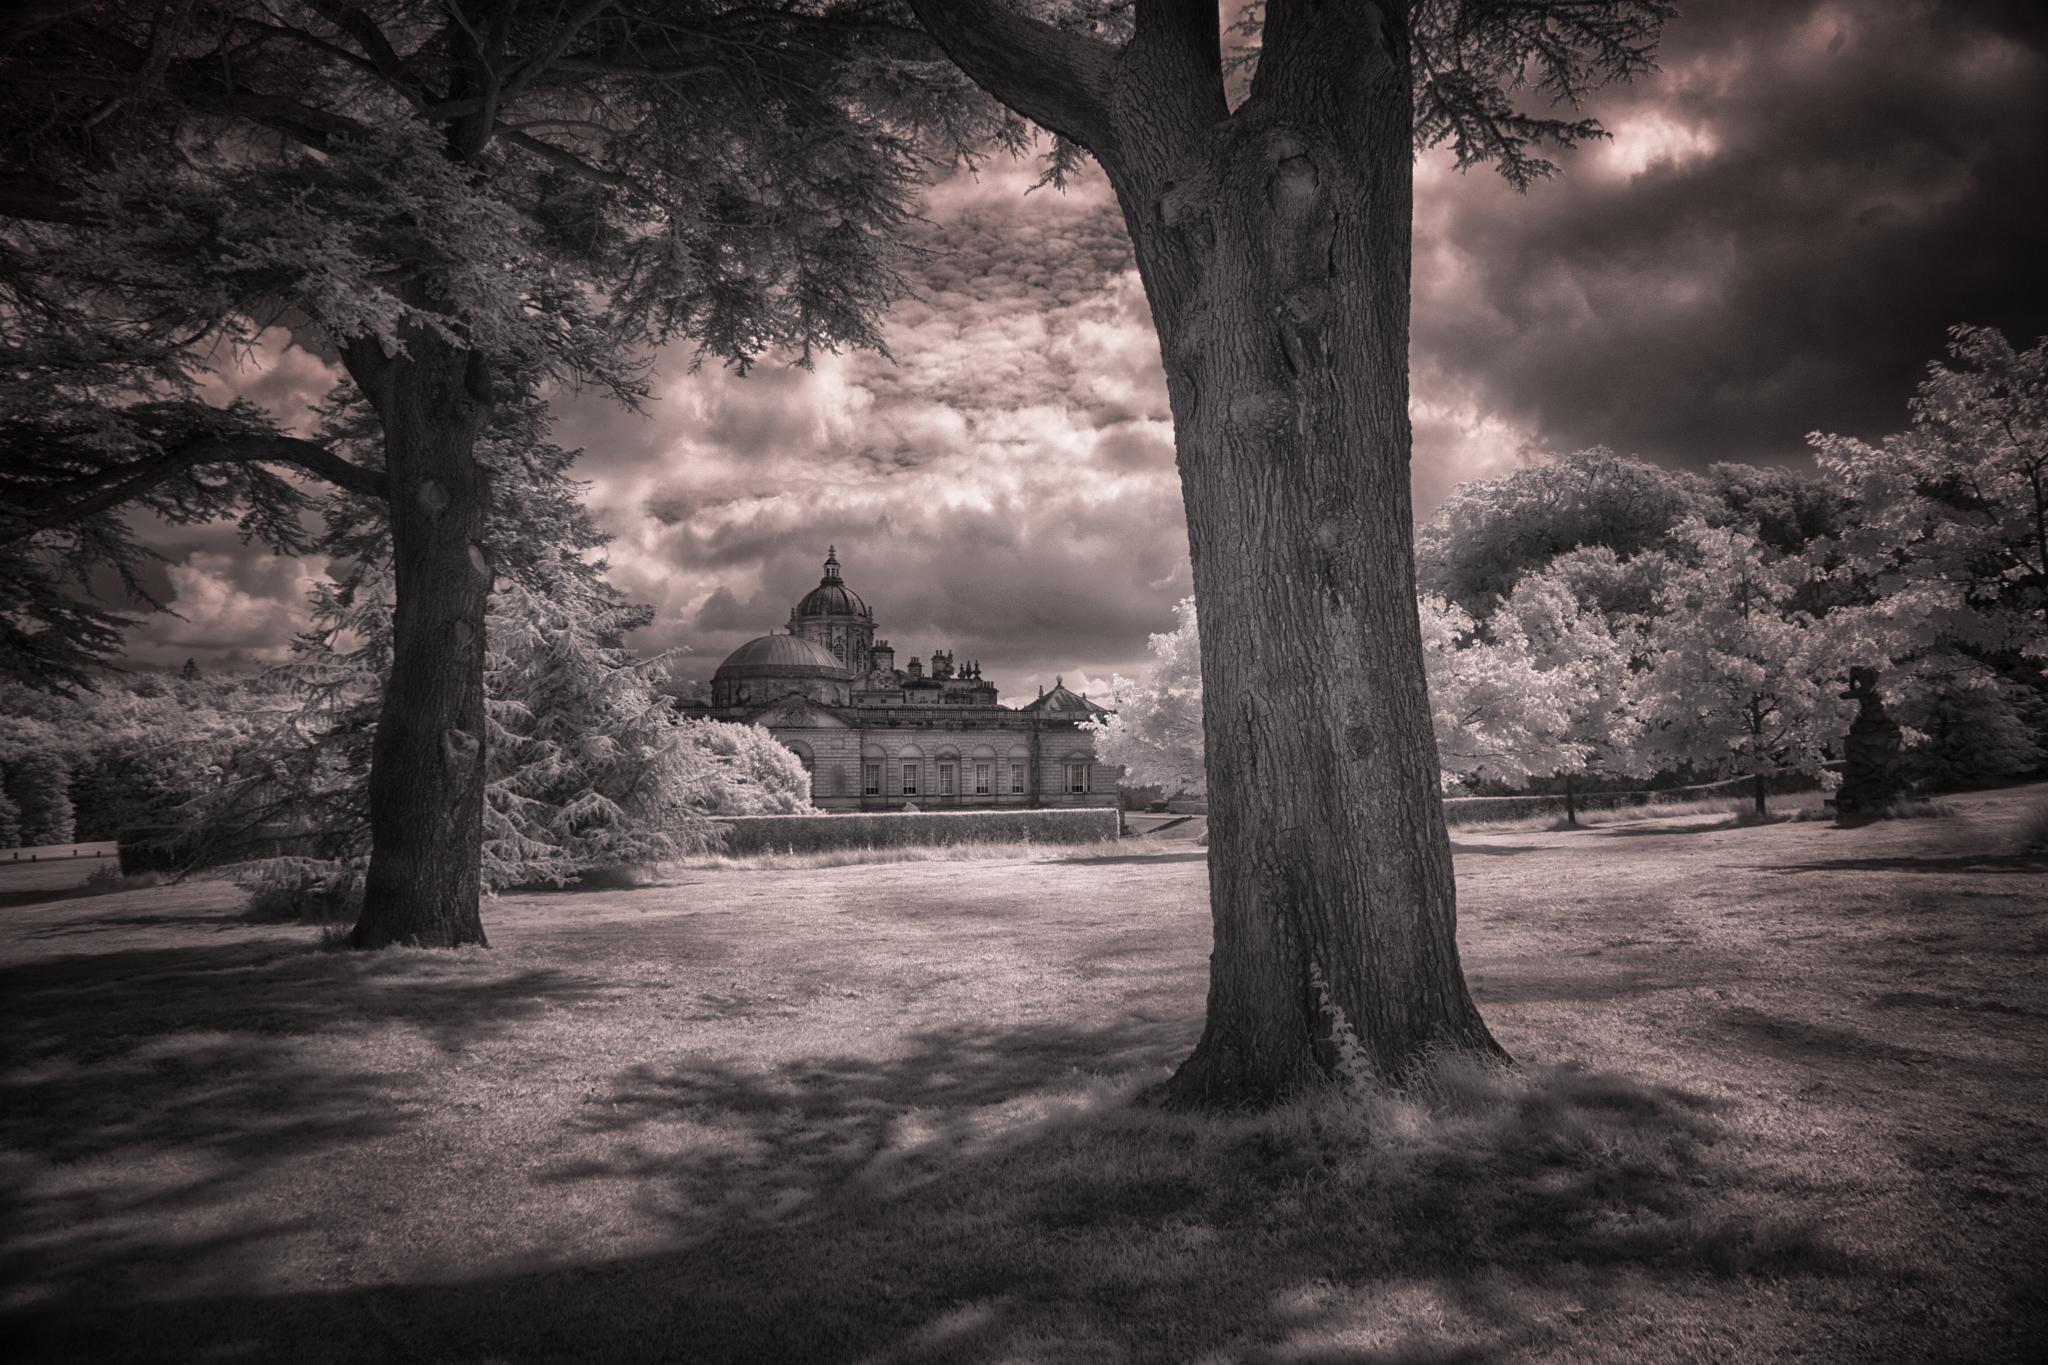 castle howard by johniredale